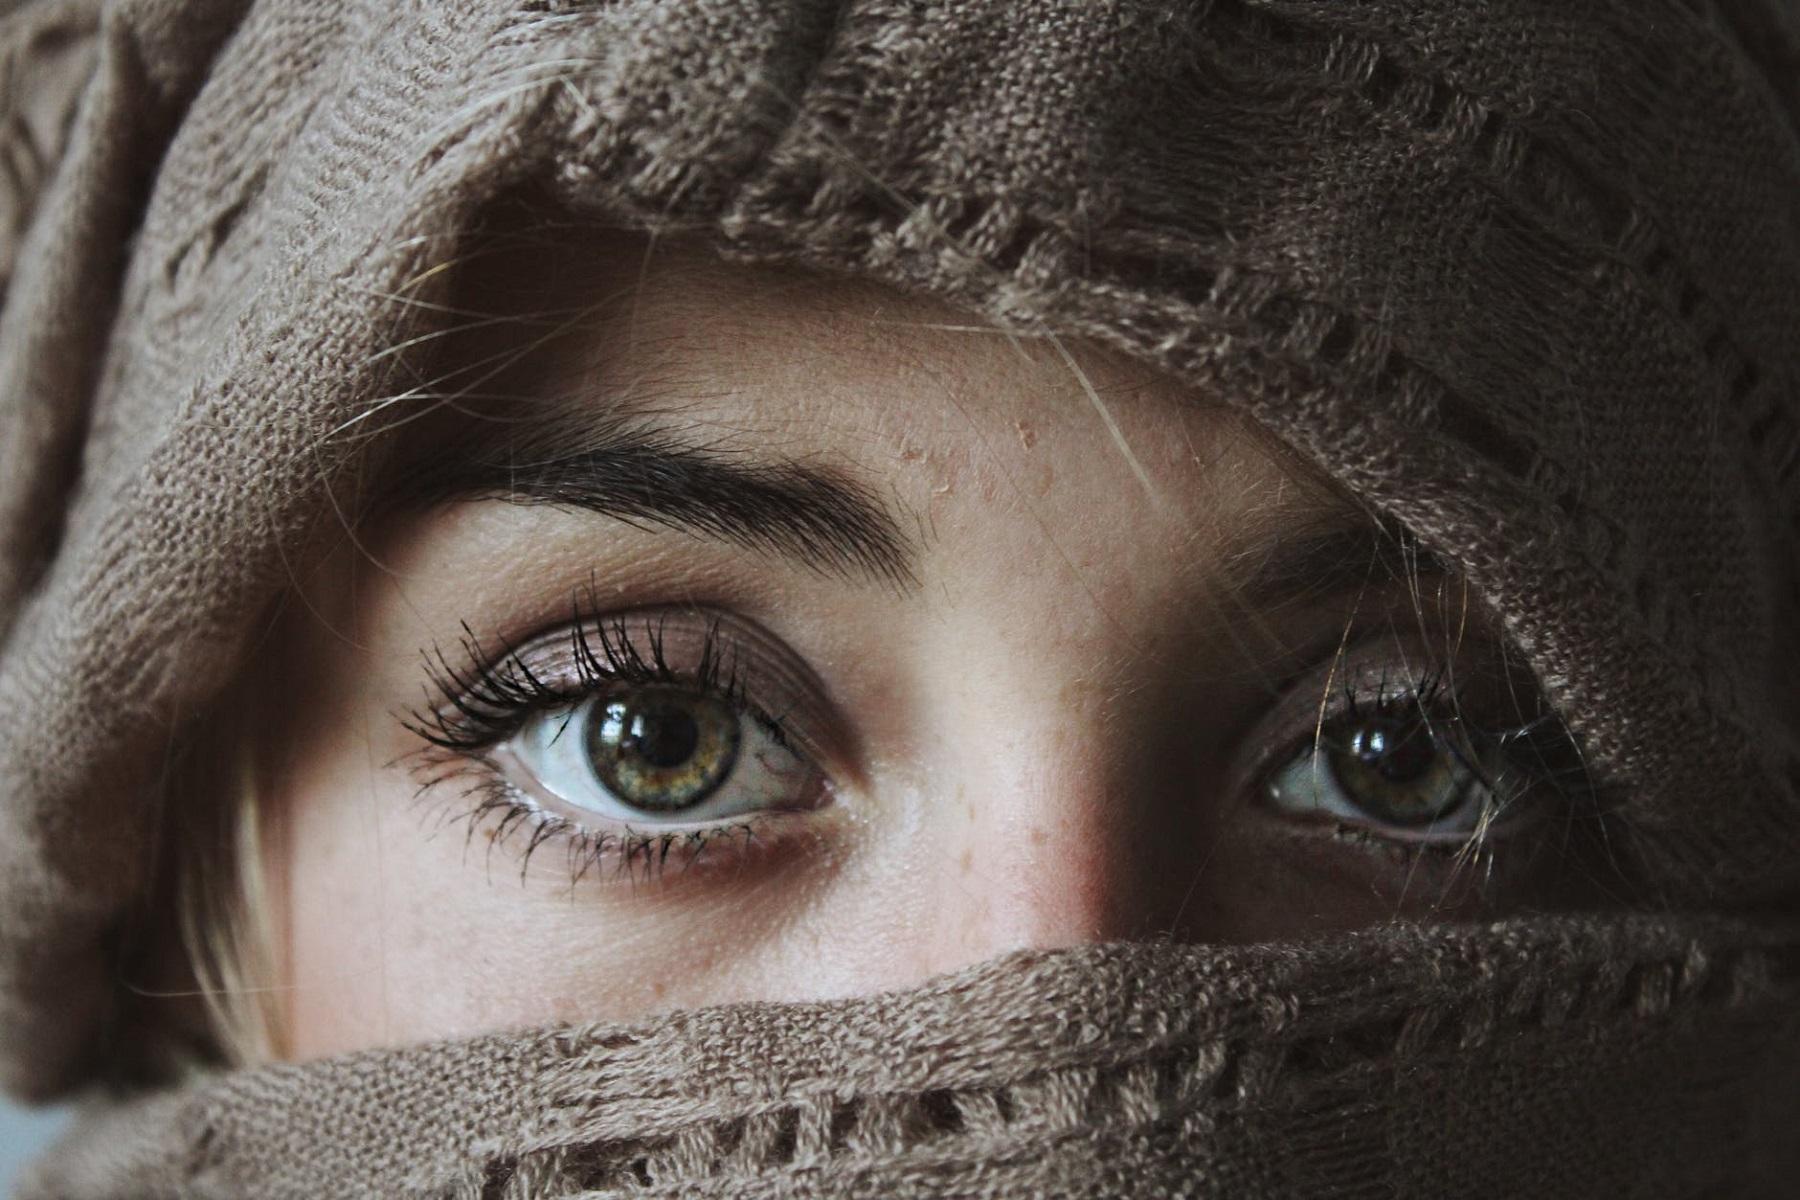 Ντύσιμο Χειμώνας: Τips για να παραμένετε ζεστοί όσο είστε έξω